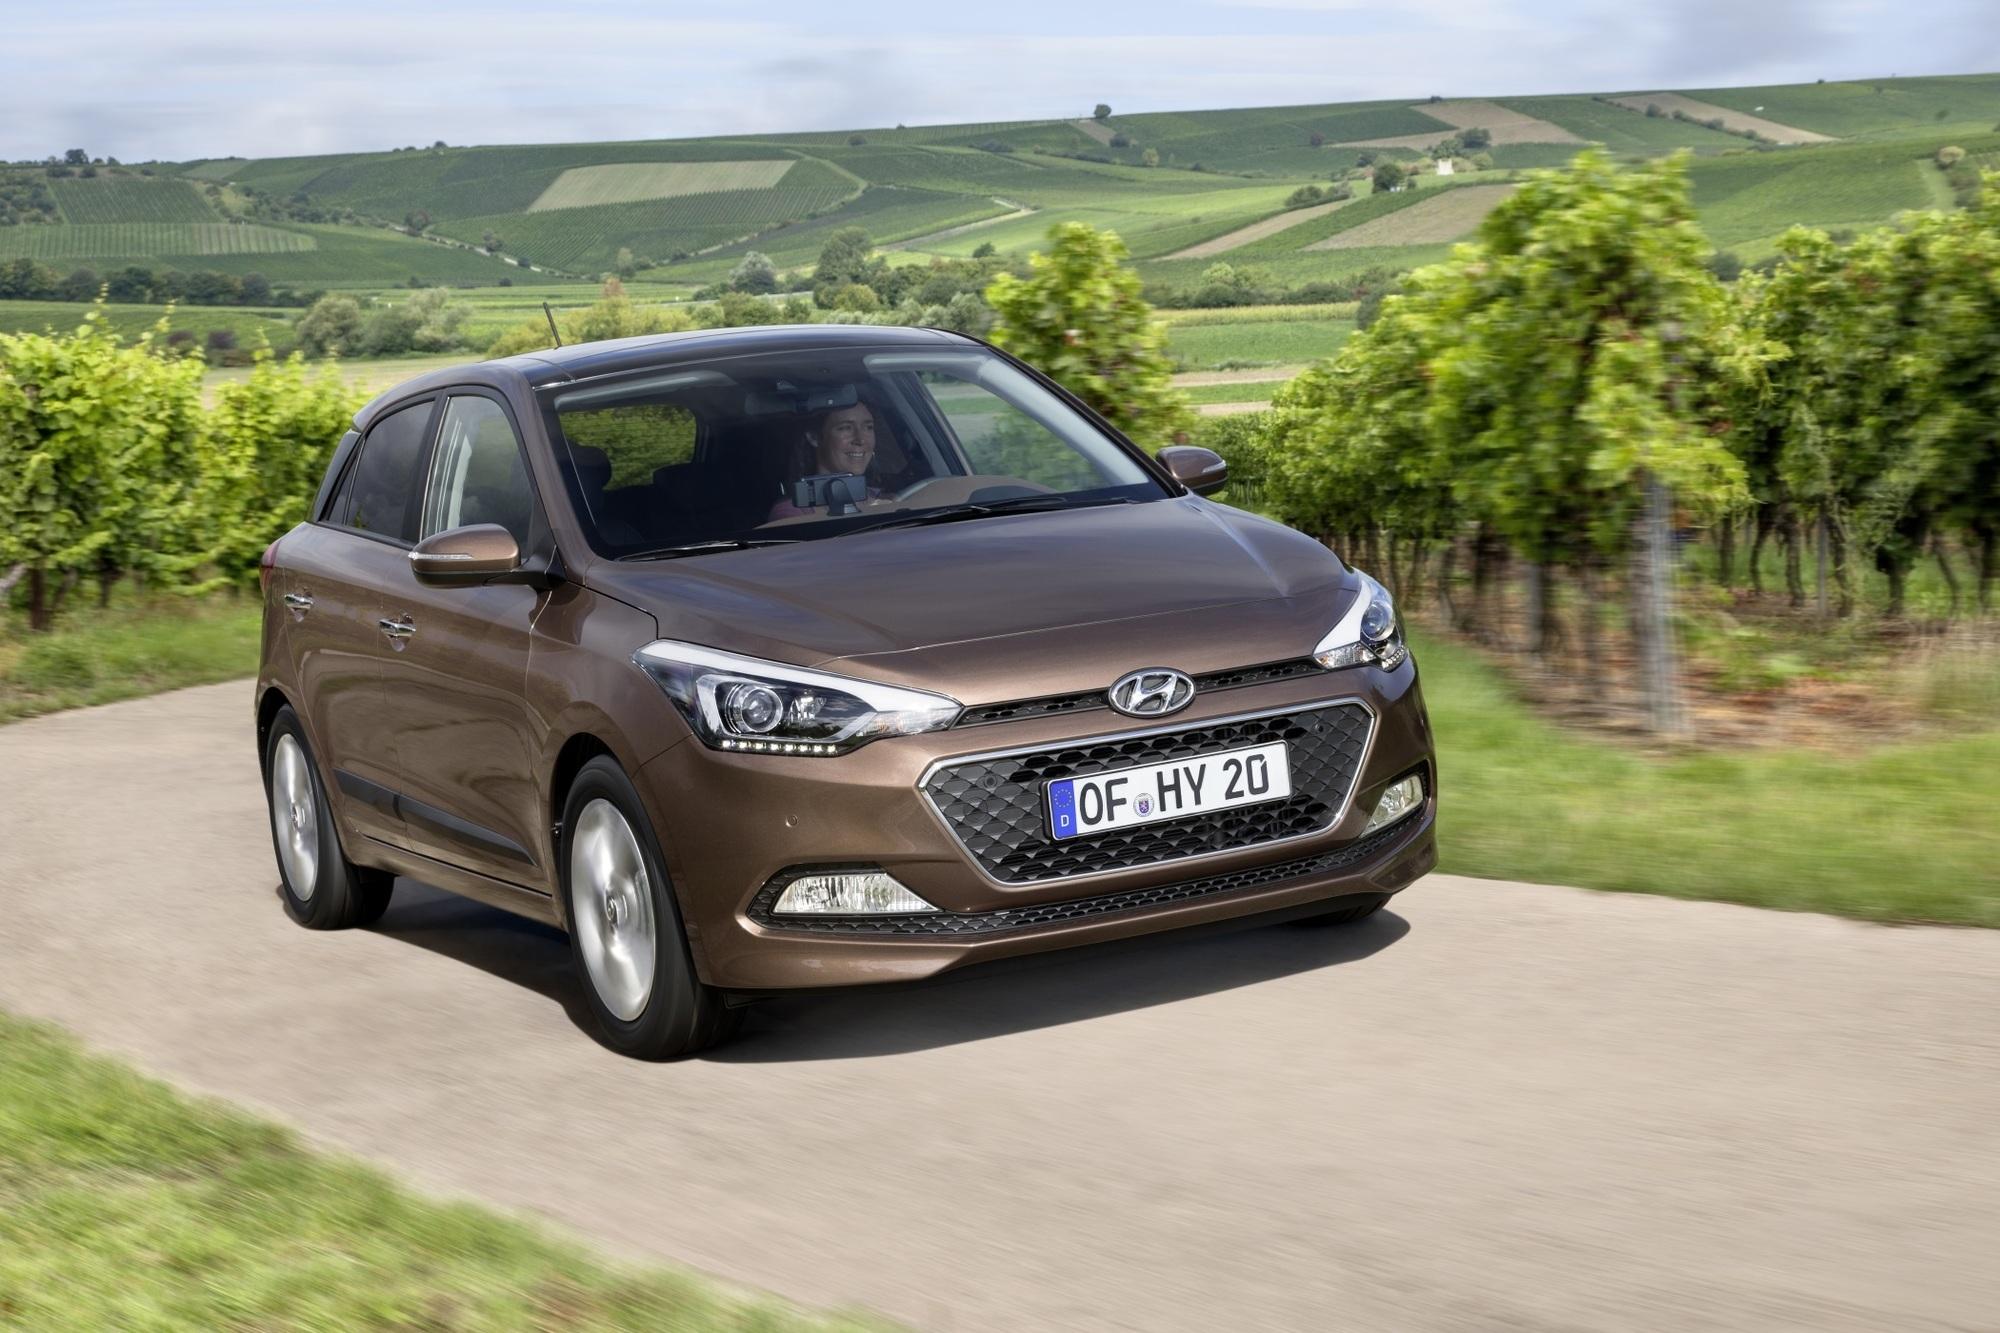 Hyundai bringt Turbomotor und Doppelkupplungsgetriebe - Technik fürs nächste Jahr